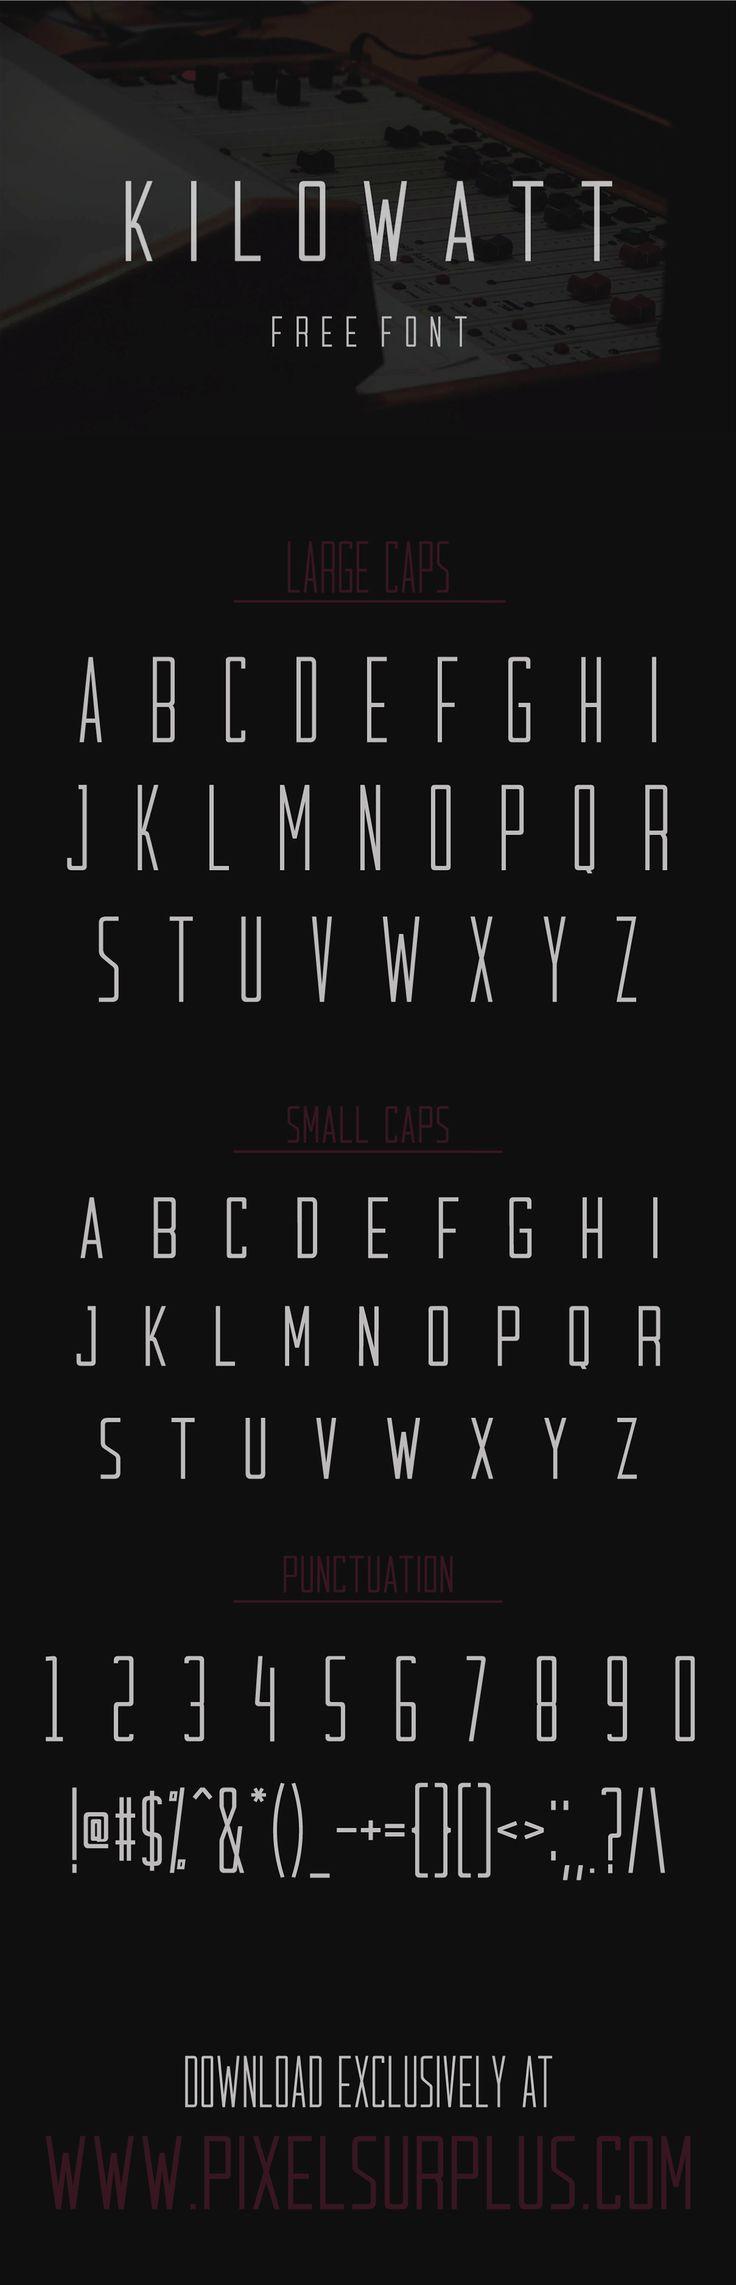 Kilowatt is a condensed all-caps sans-serif display font from Pixel Surplus.  It…